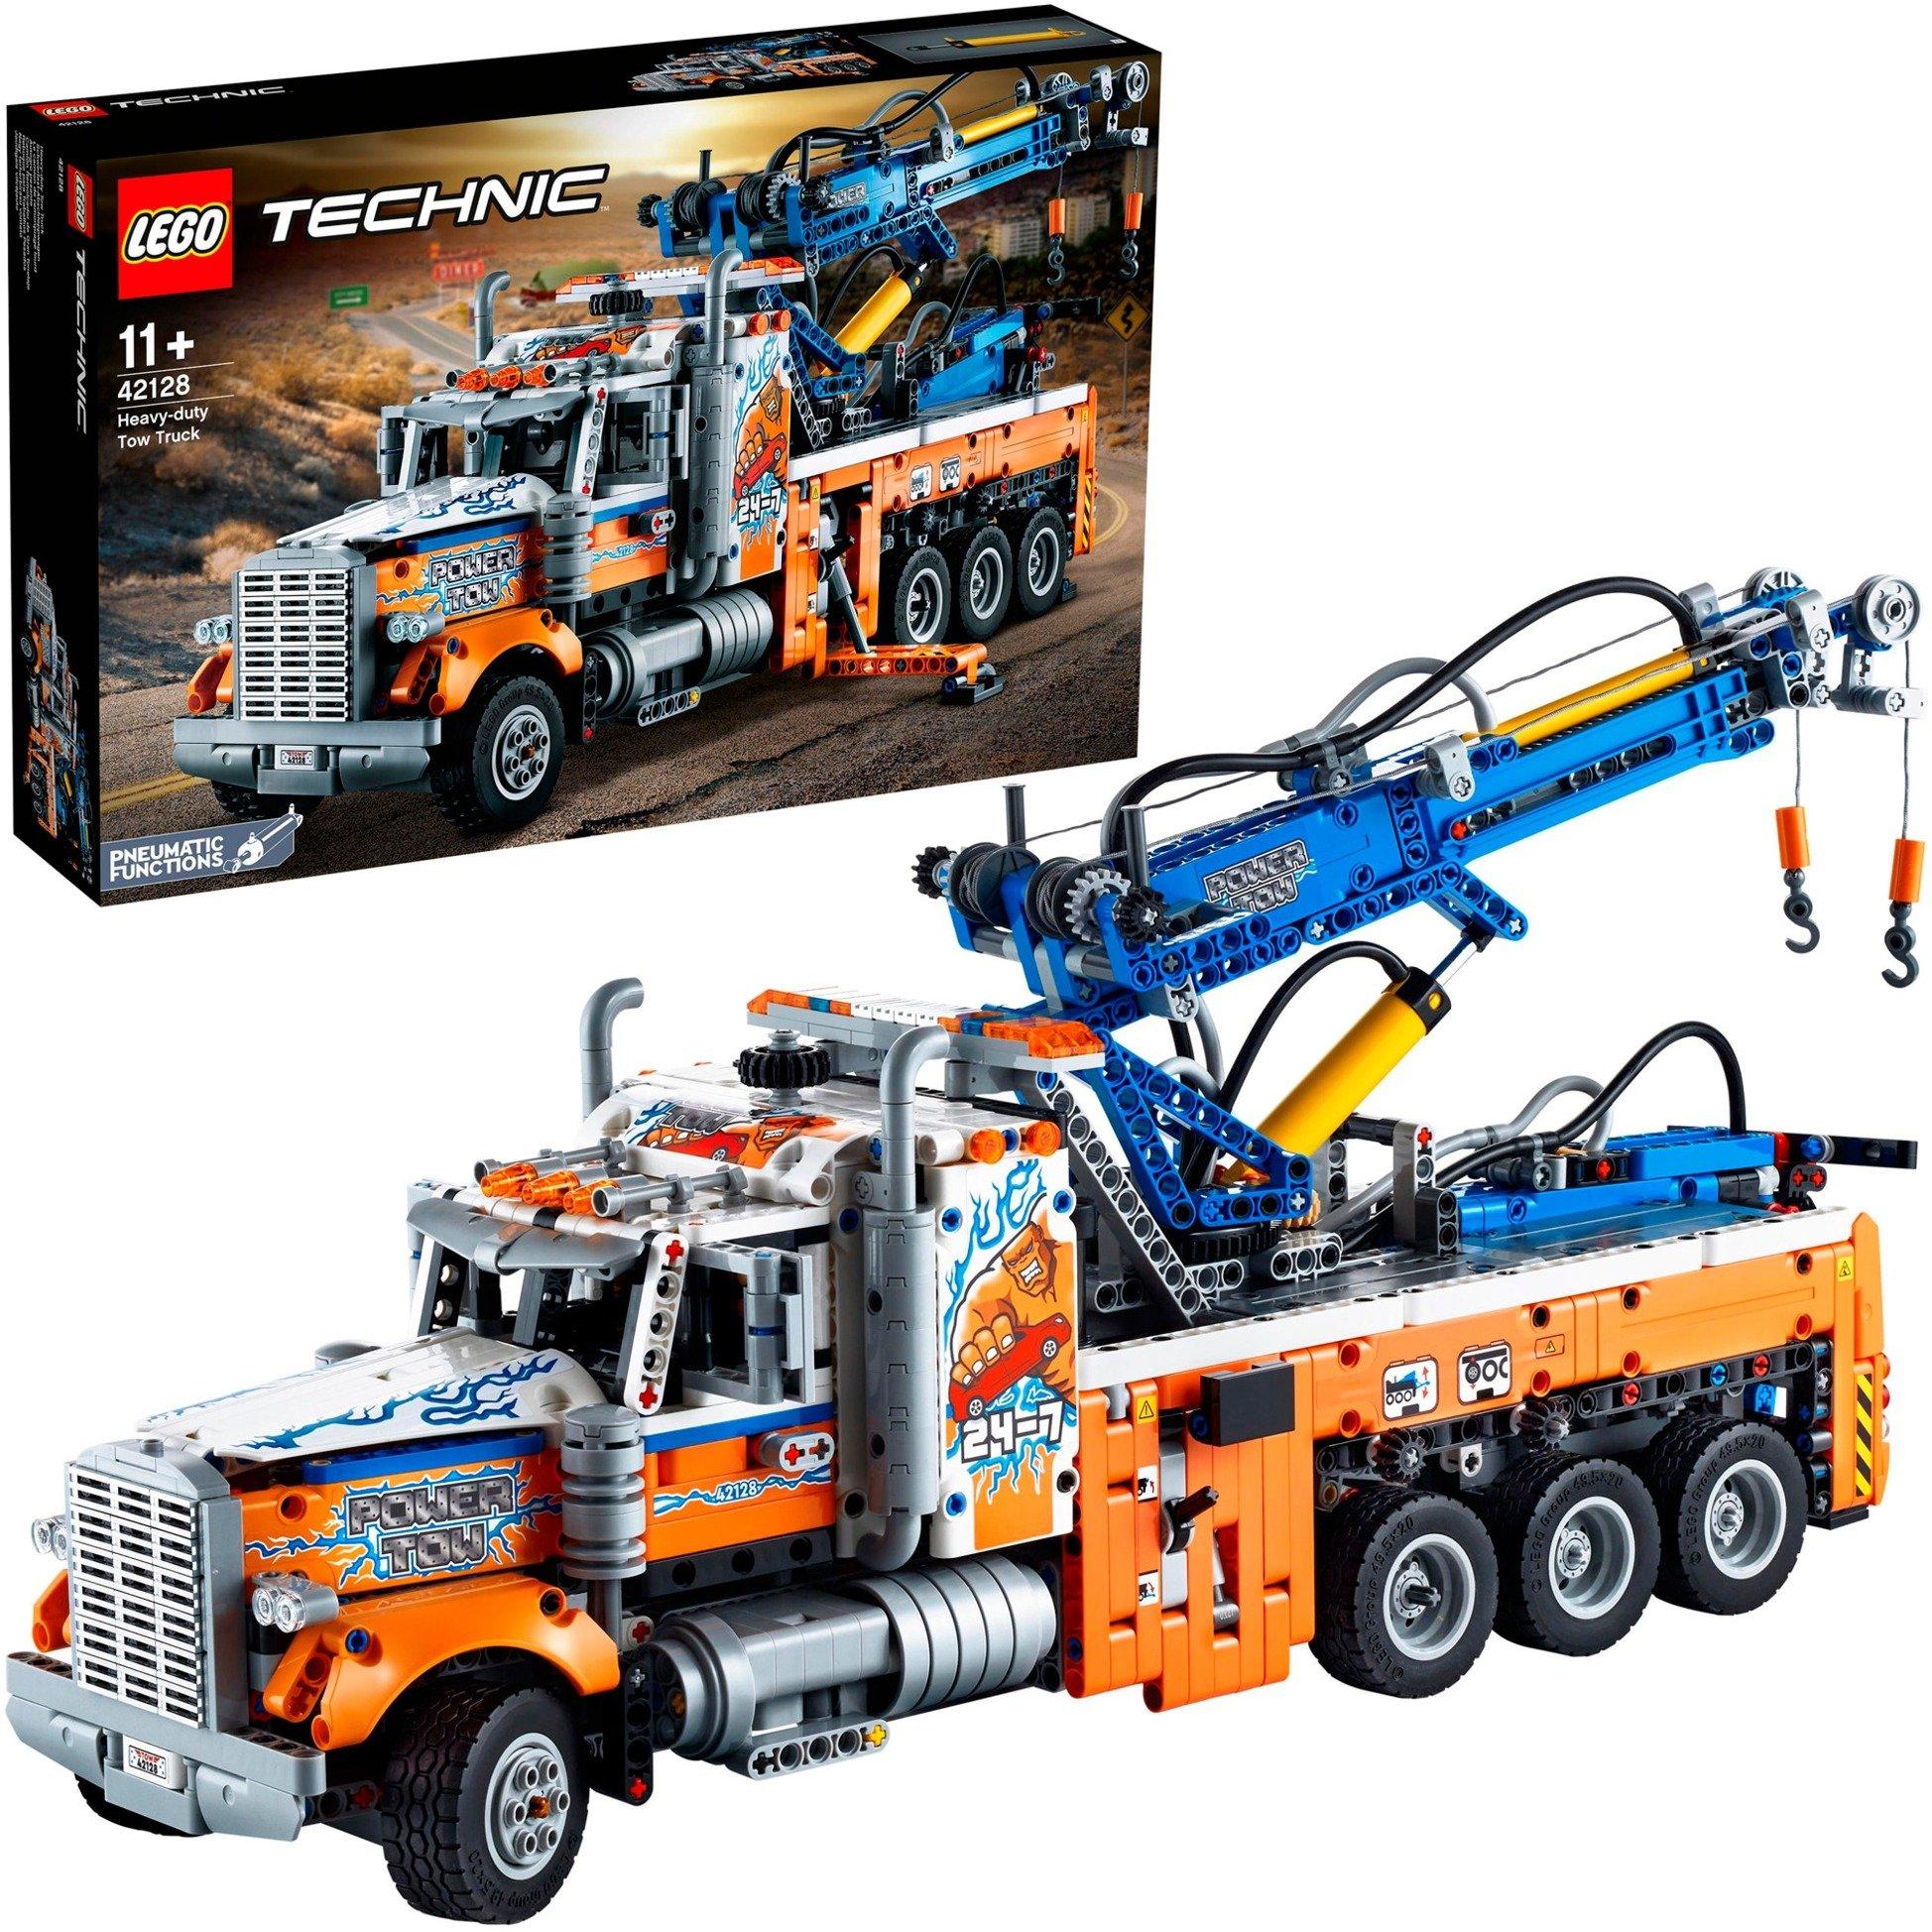 LEGO_42128_Technic_Schwerlast_Abschleppw